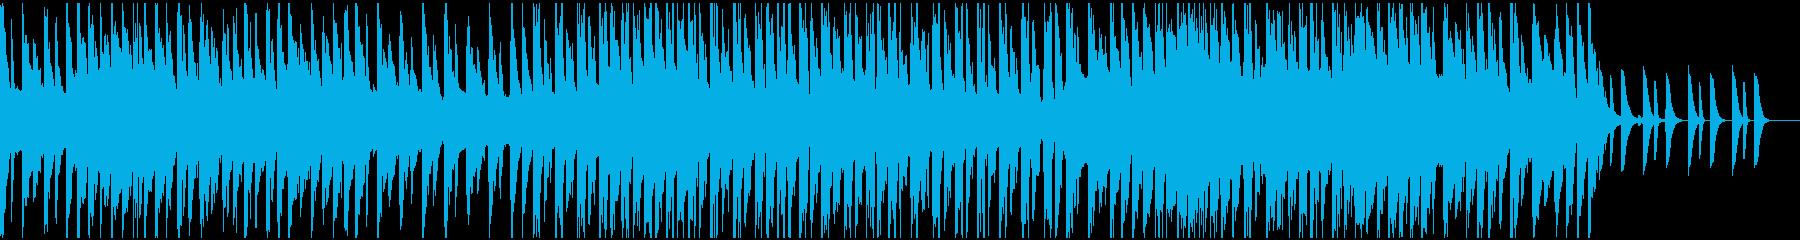 テクノ、ゲーム、シンセ、エレクトリックの再生済みの波形